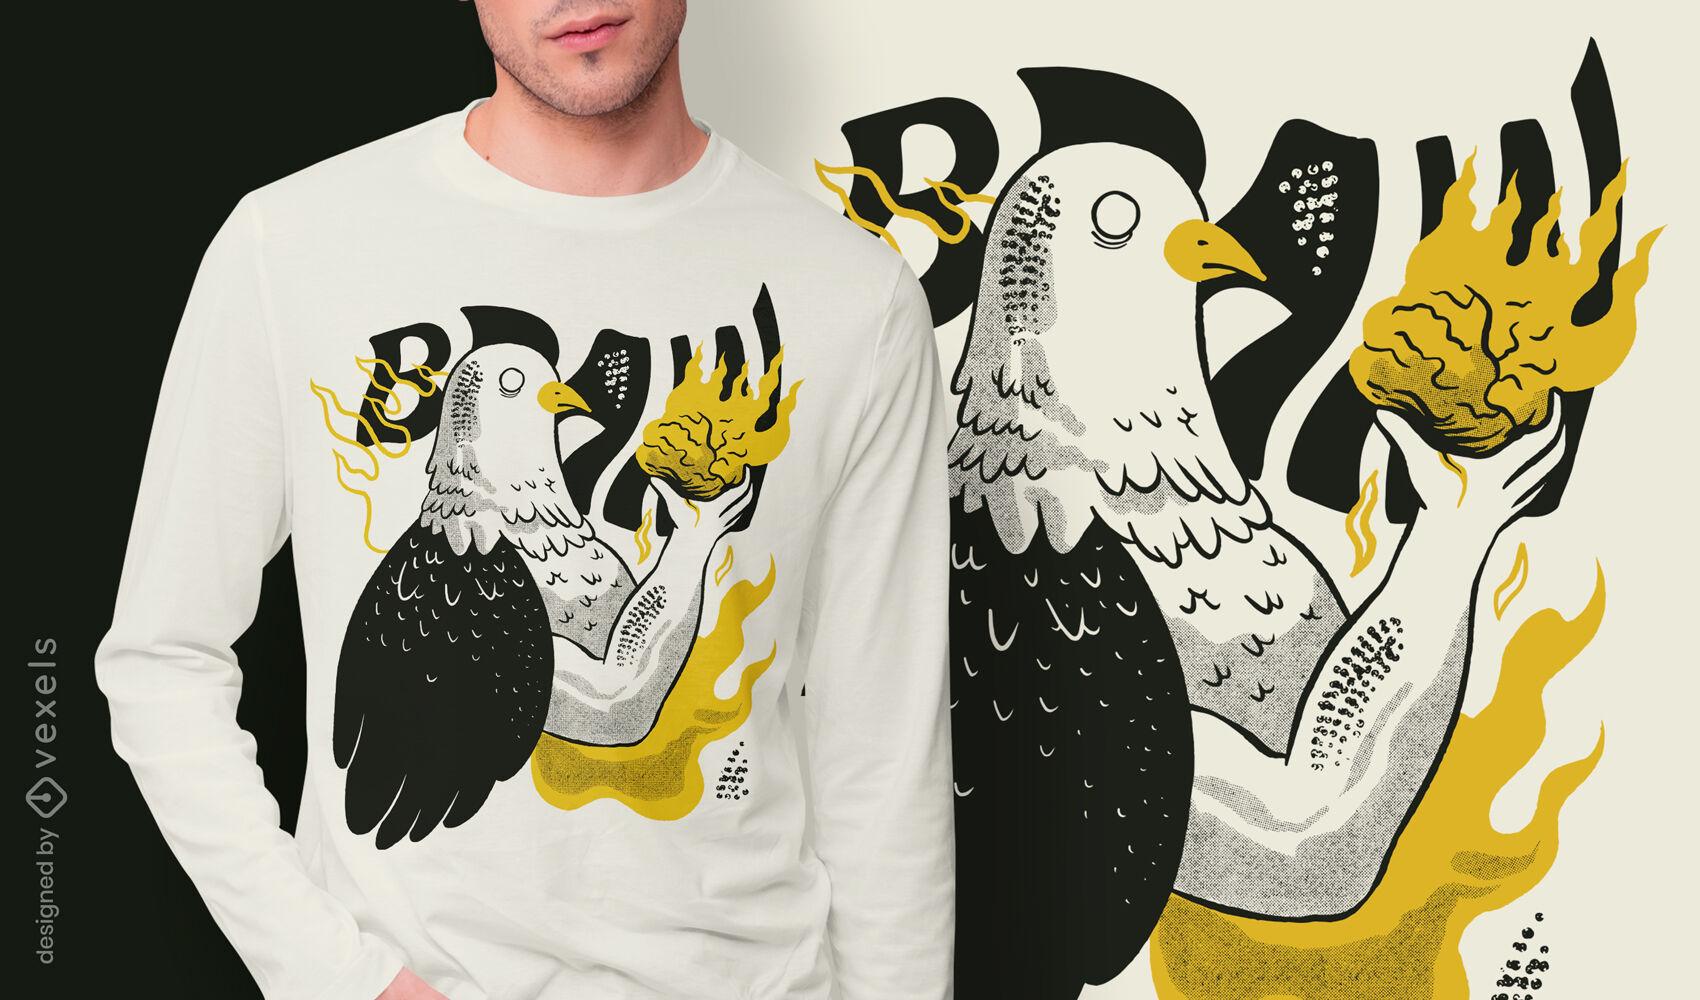 Bizarres T-Shirt mit Tauben-Vogelkörper-Design